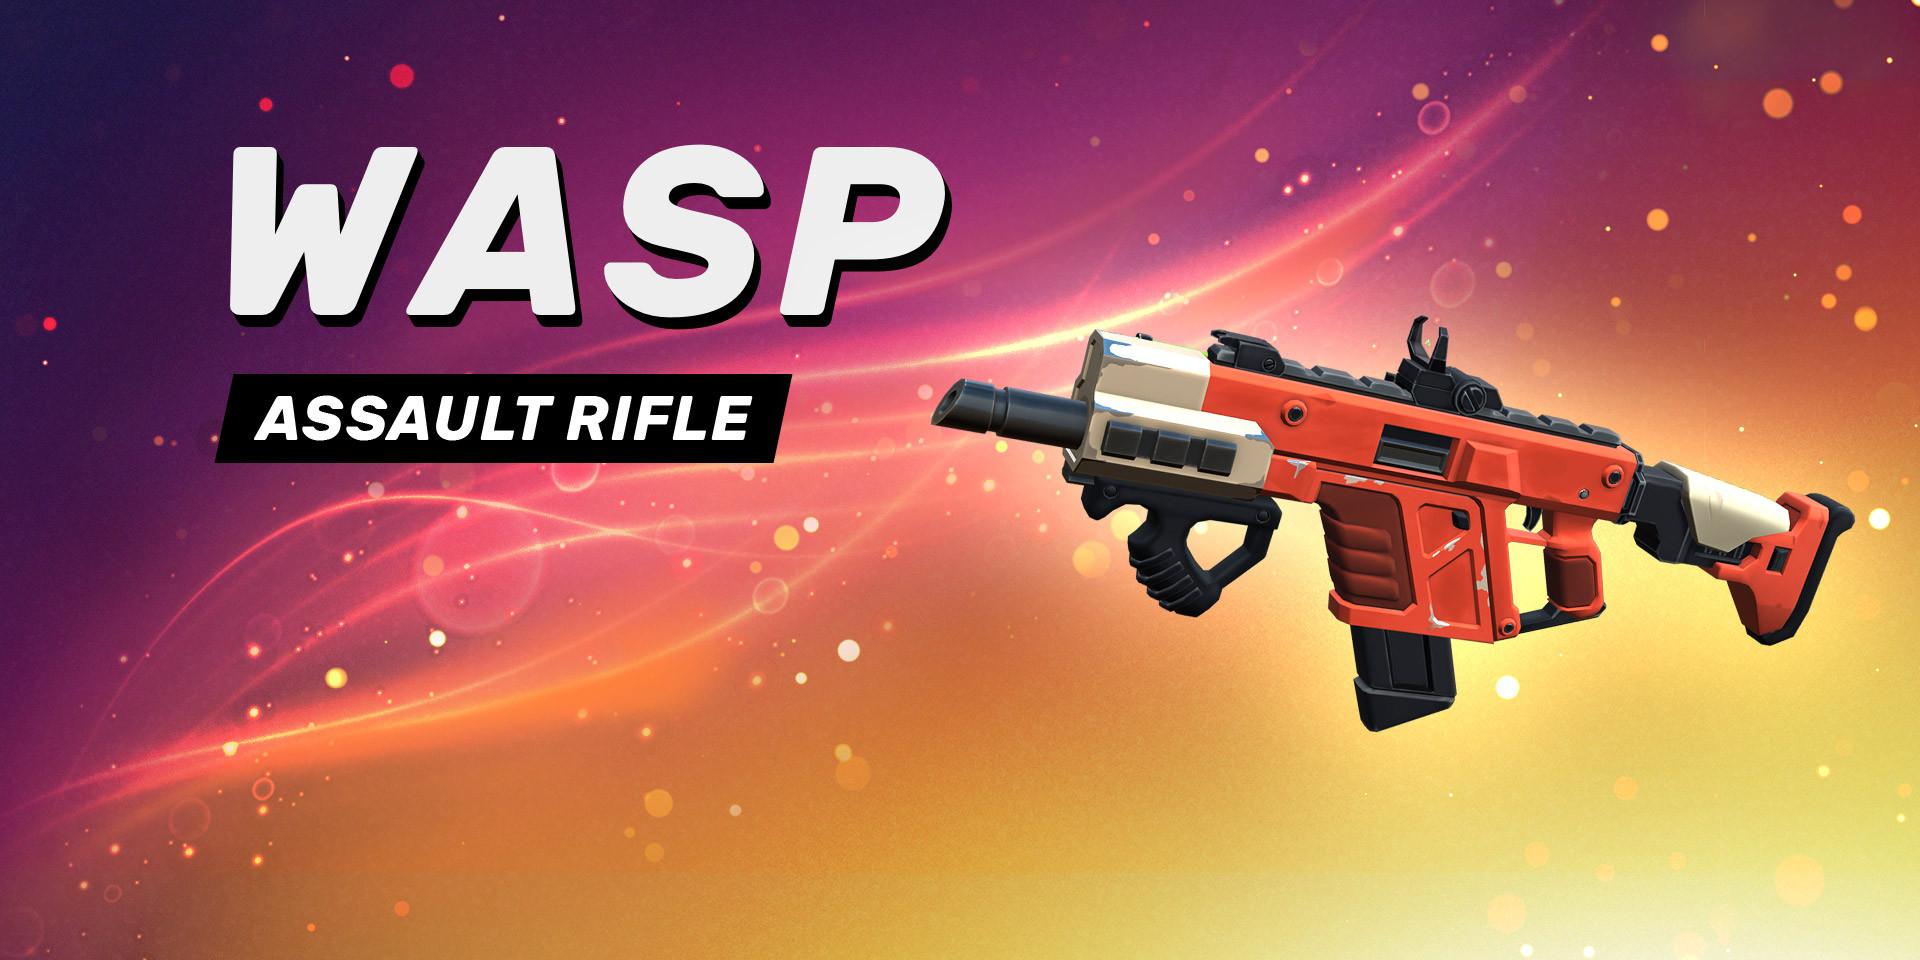 gunsopedia-wasp-392K2g5cKS